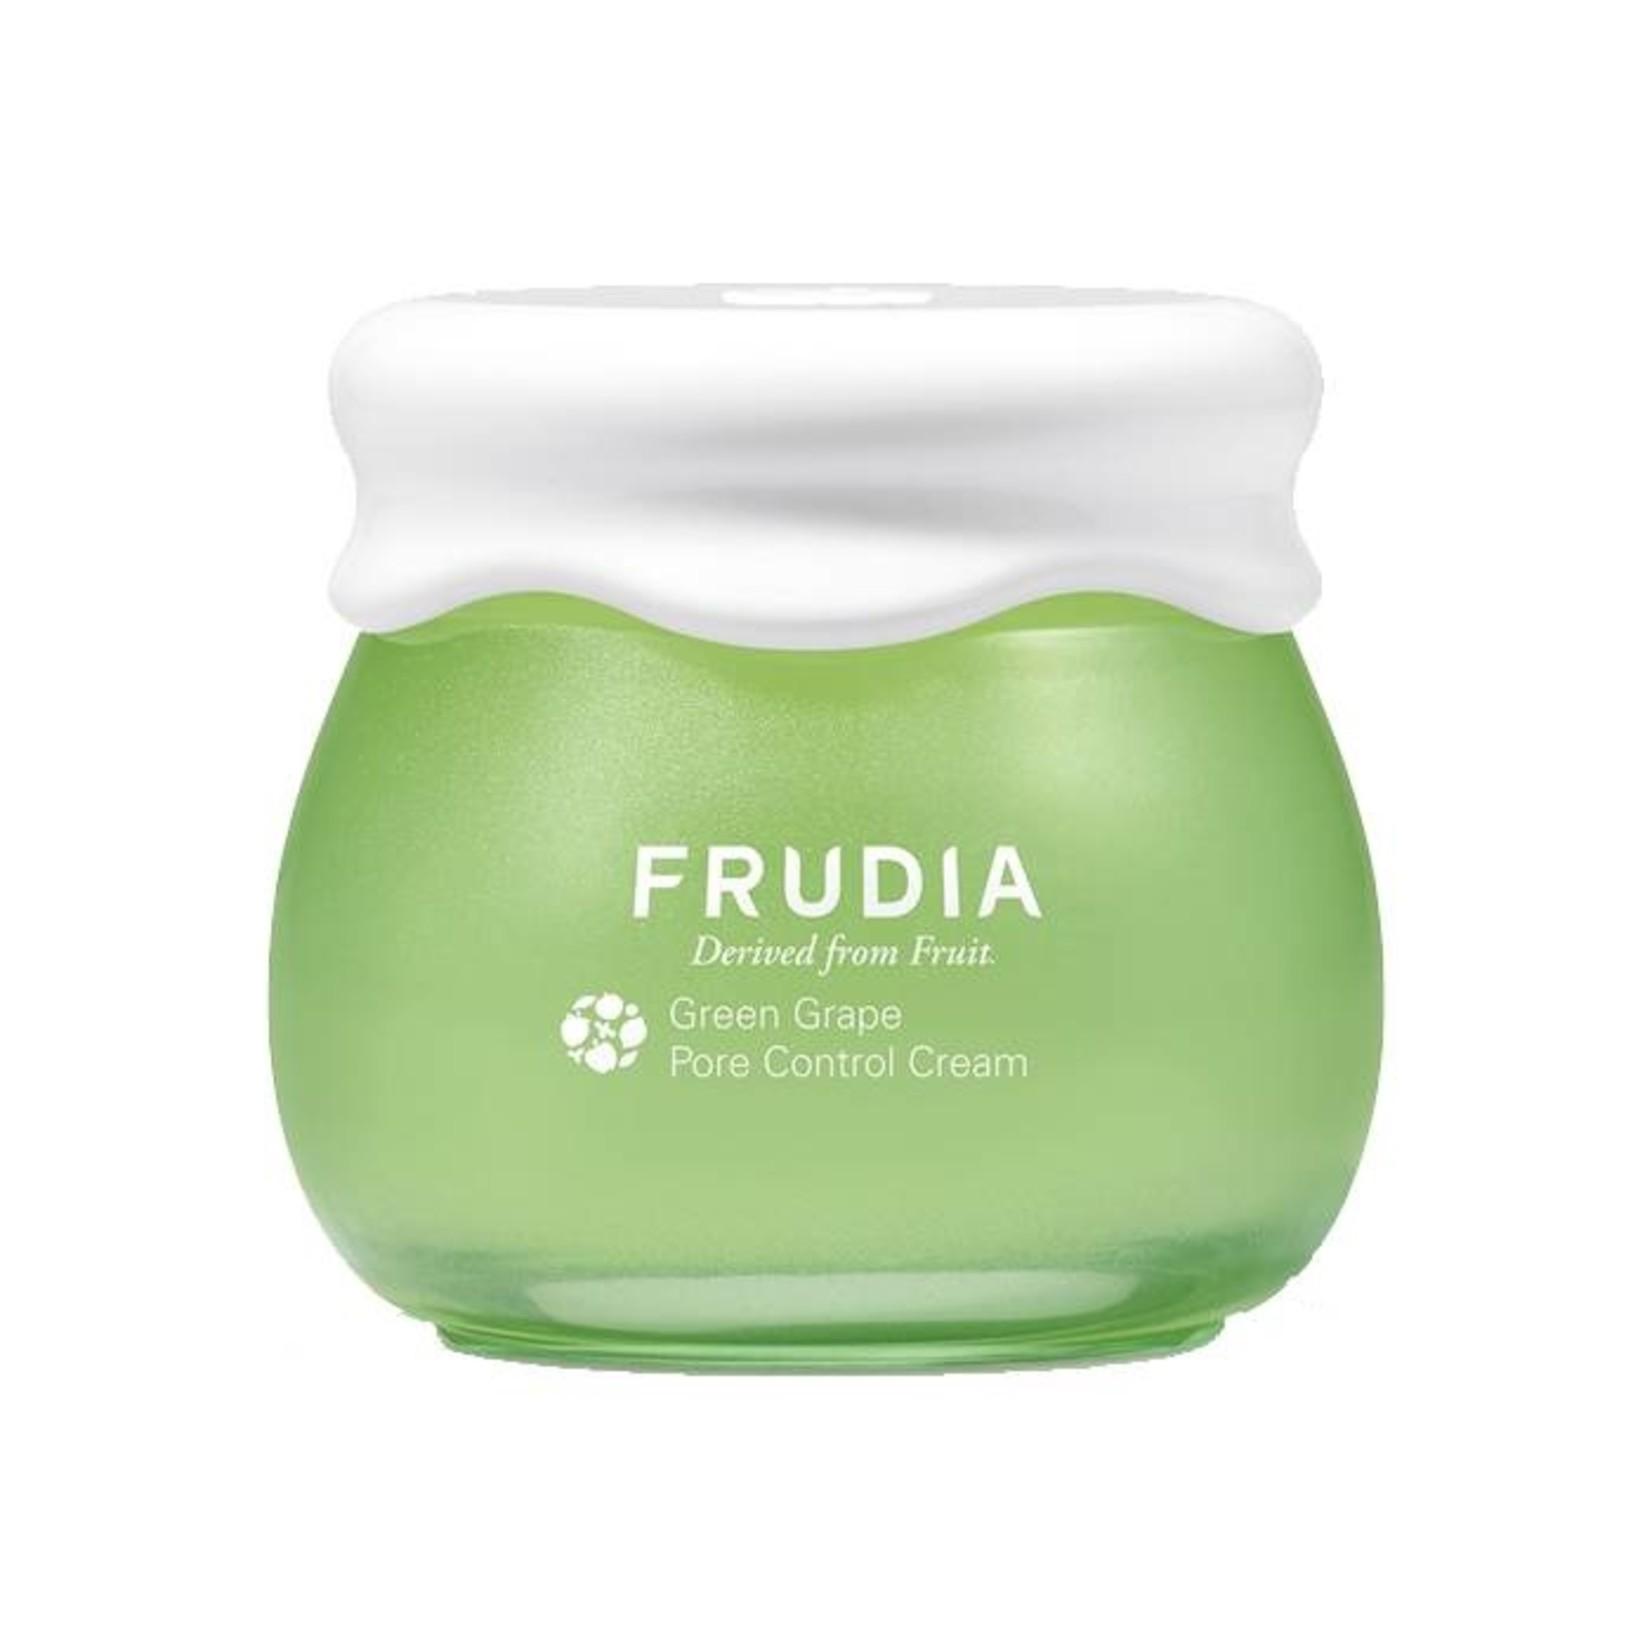 Frudia Green Grape Pore Control Cream